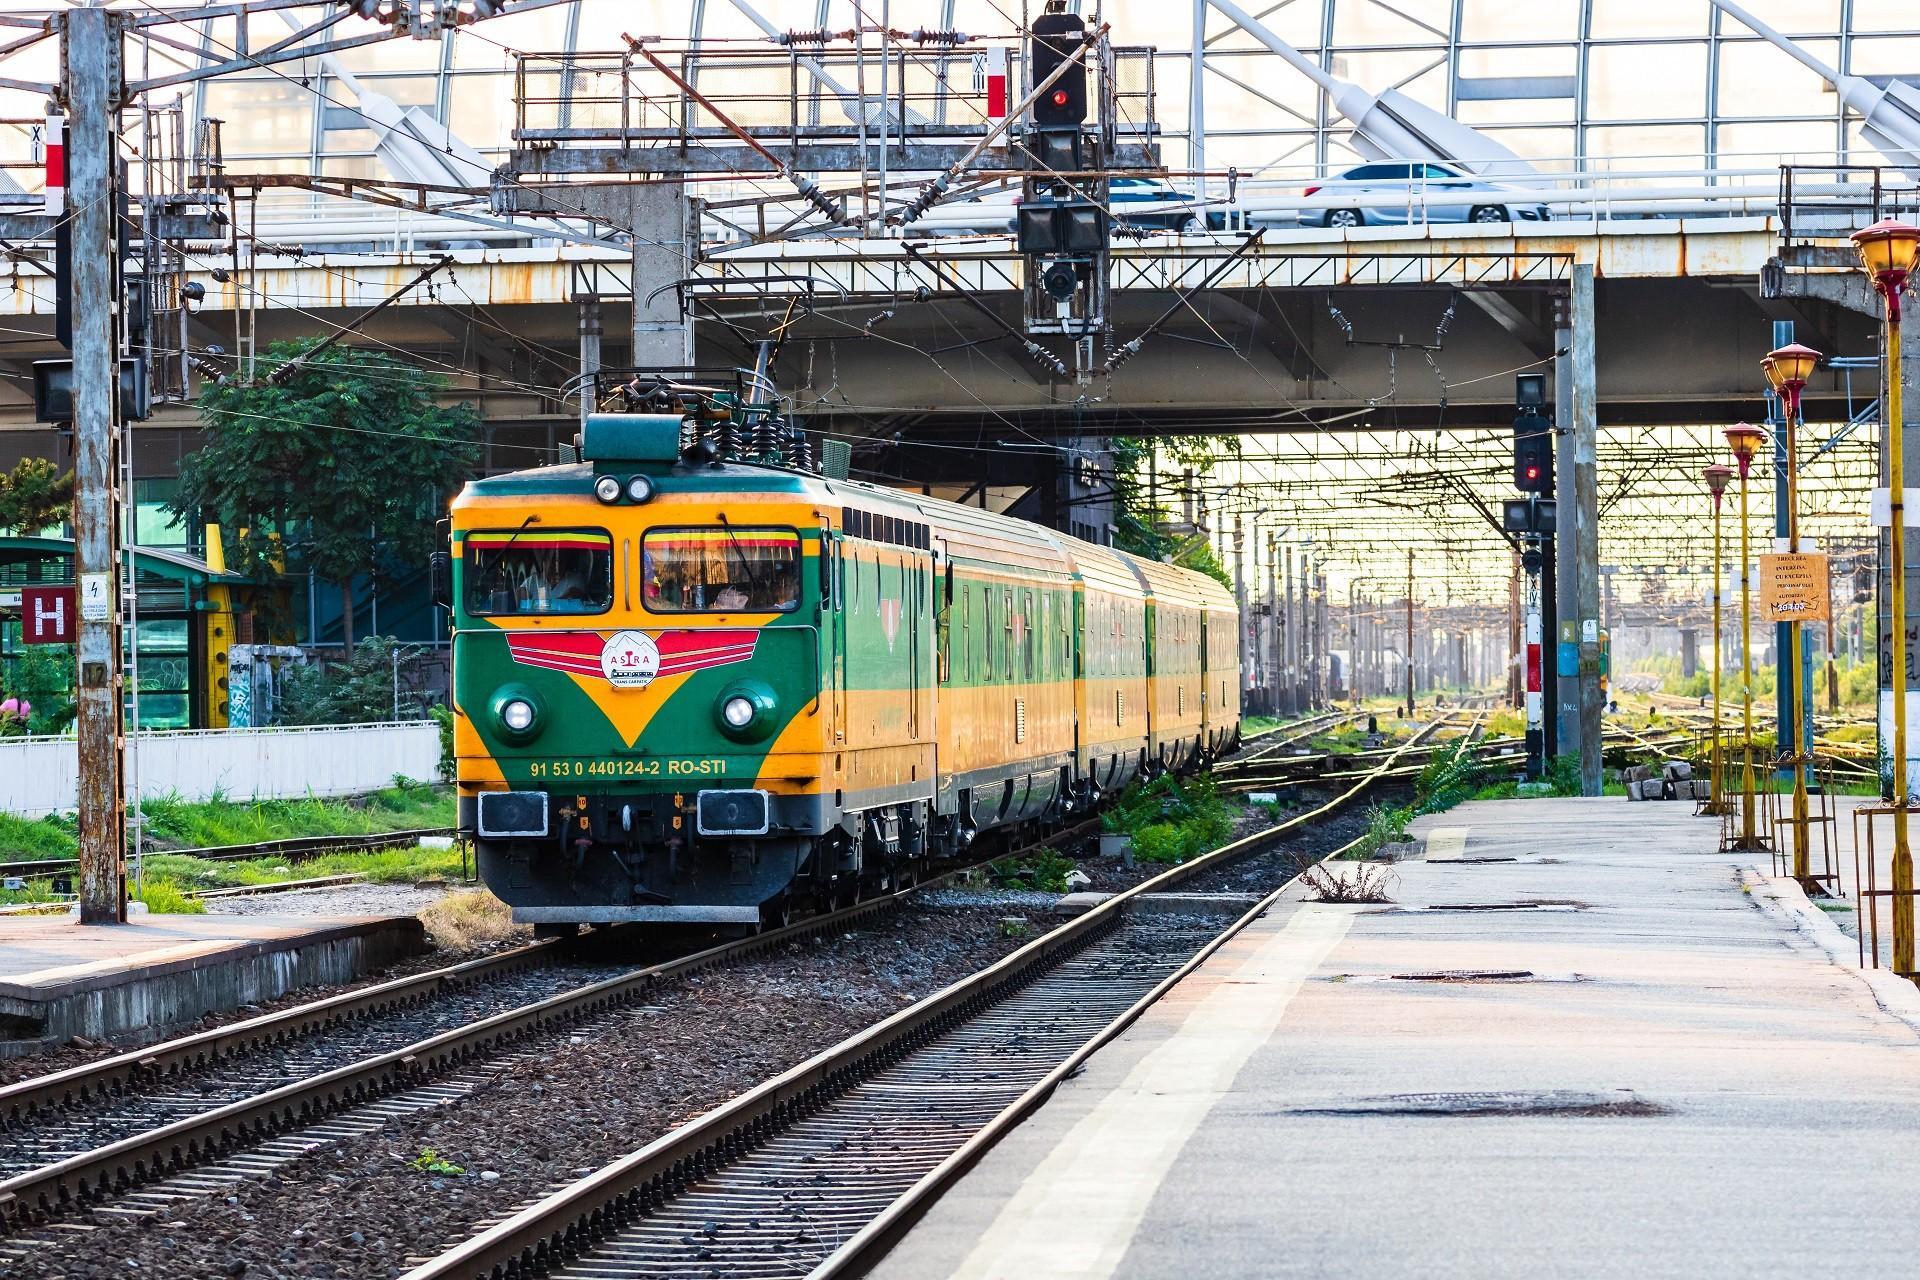 """Pasageri ținuți într-o căldură infernală, pe ruta București-Constanța, după o defecțiune la o locomotivă: """"Mor de sete, mi-a venit rău în tren!"""""""